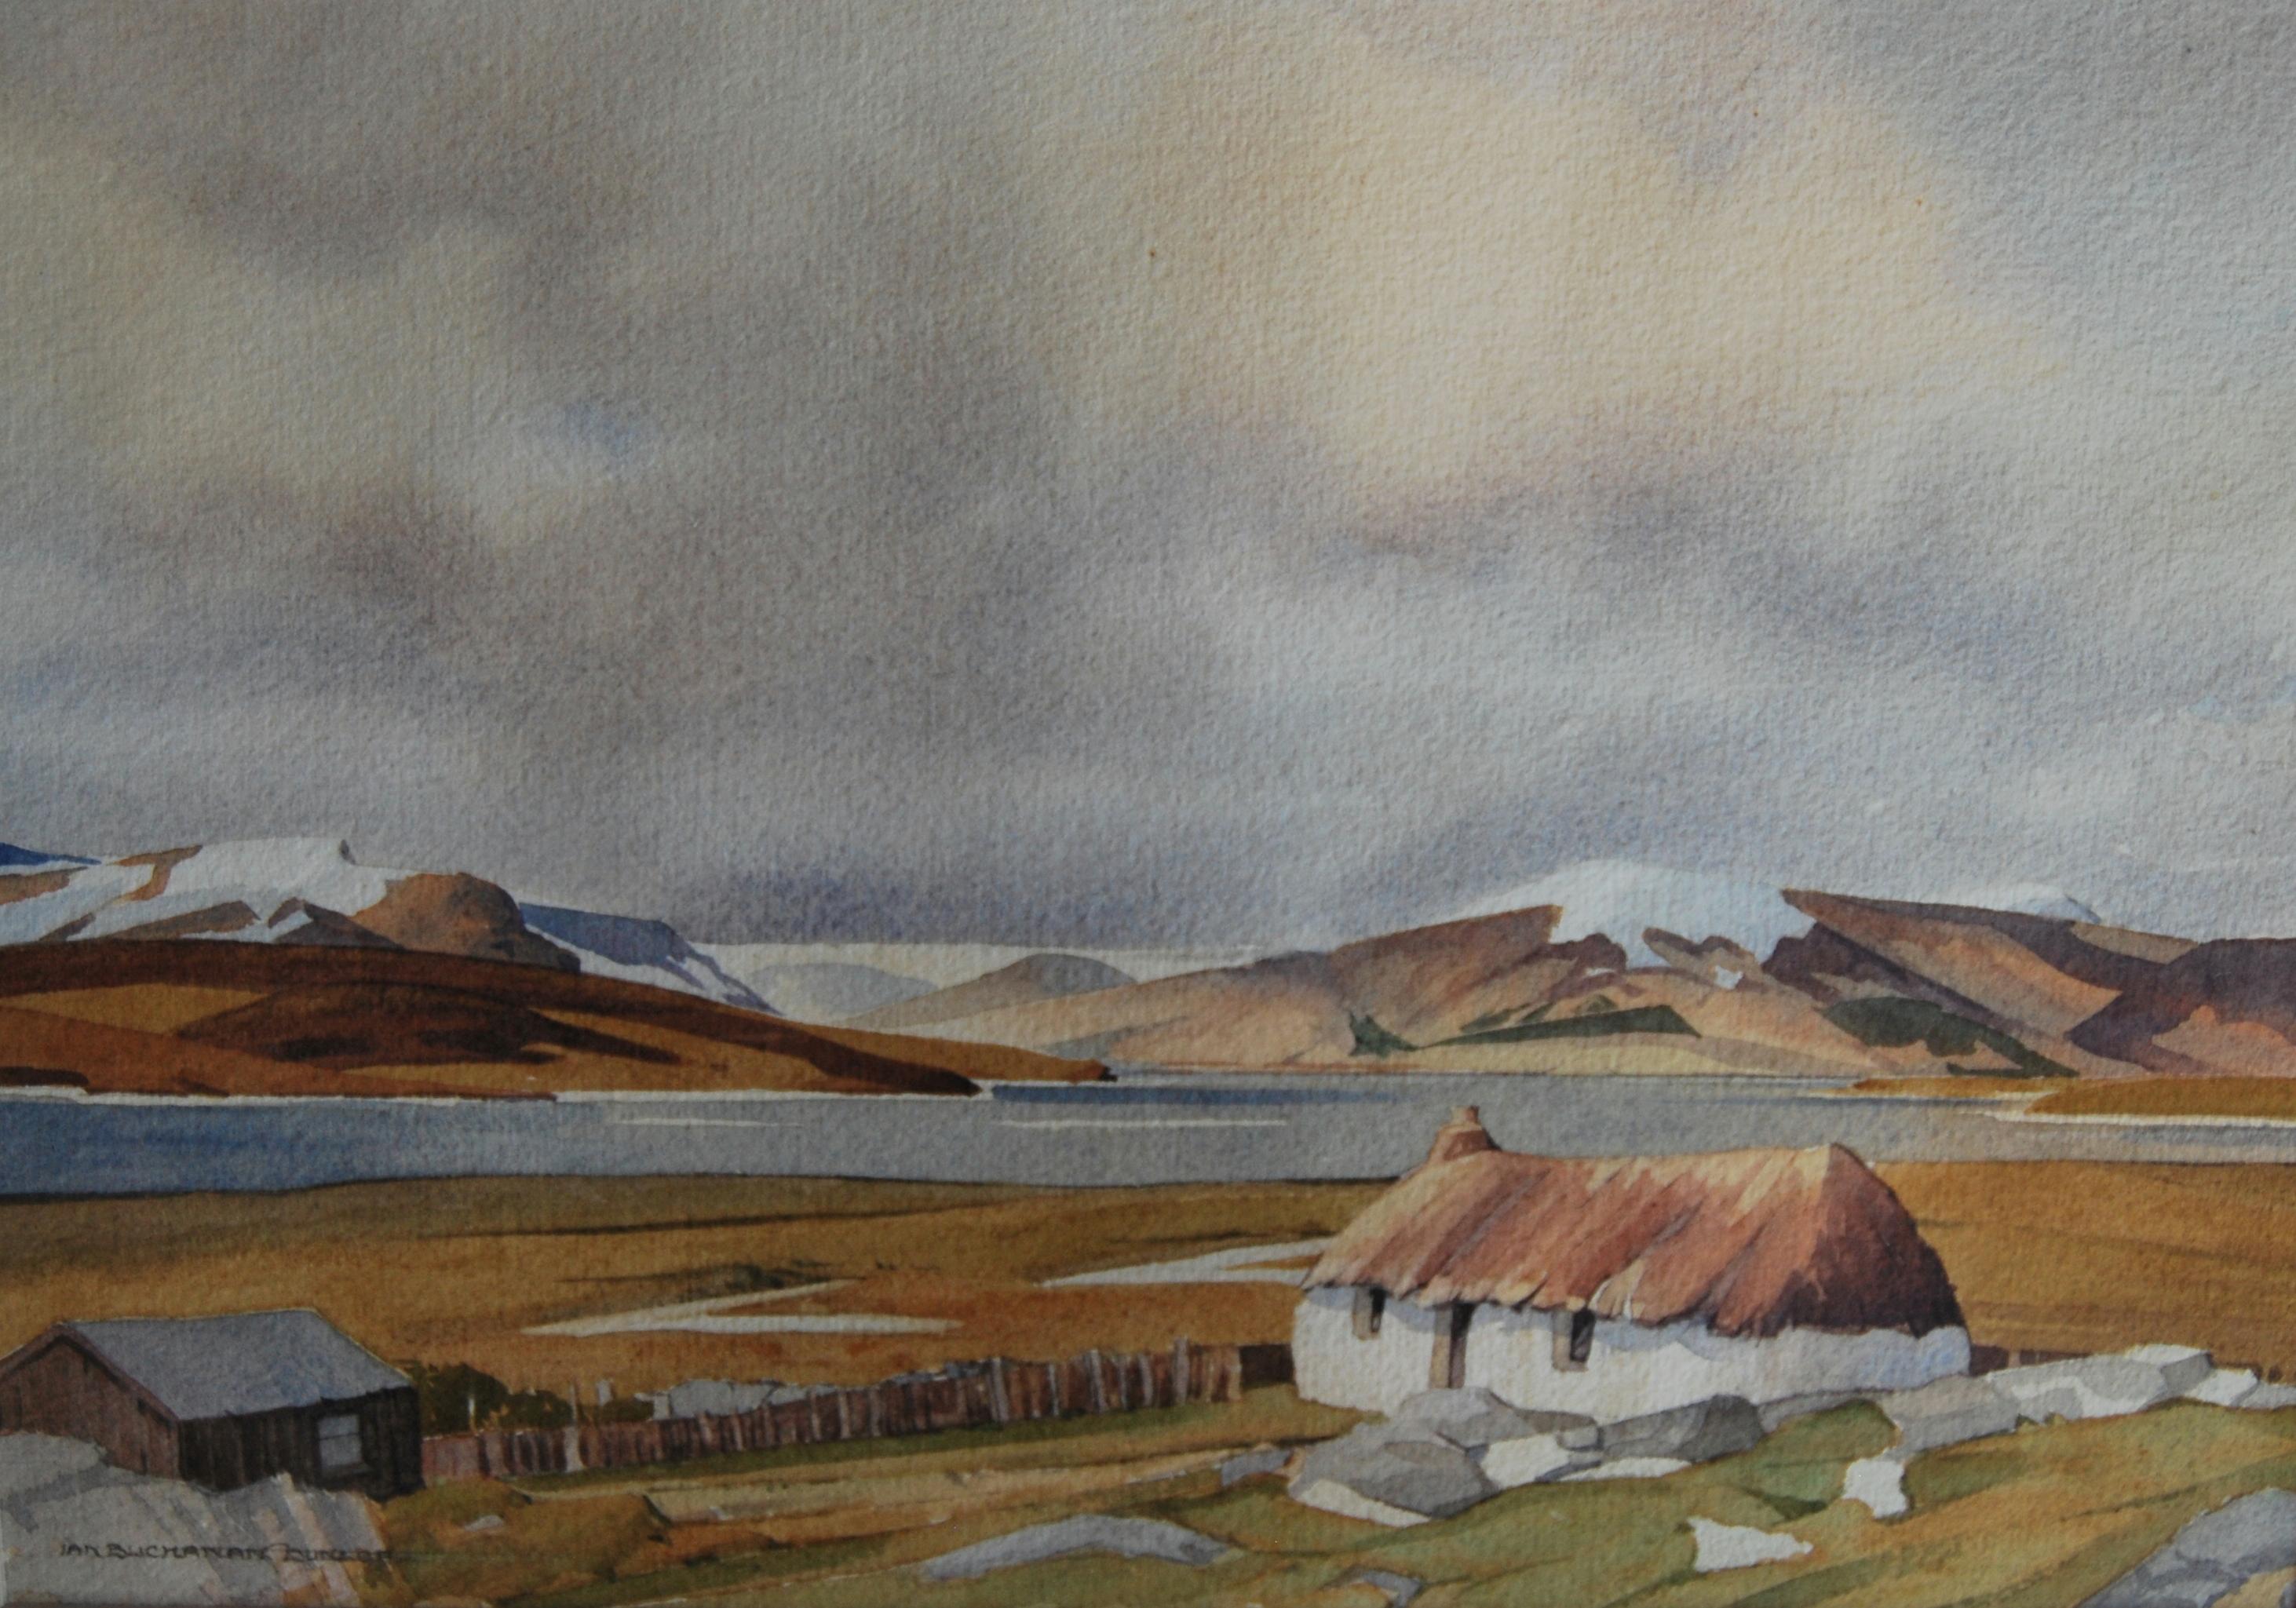 Ian Buchanan-Dunlop